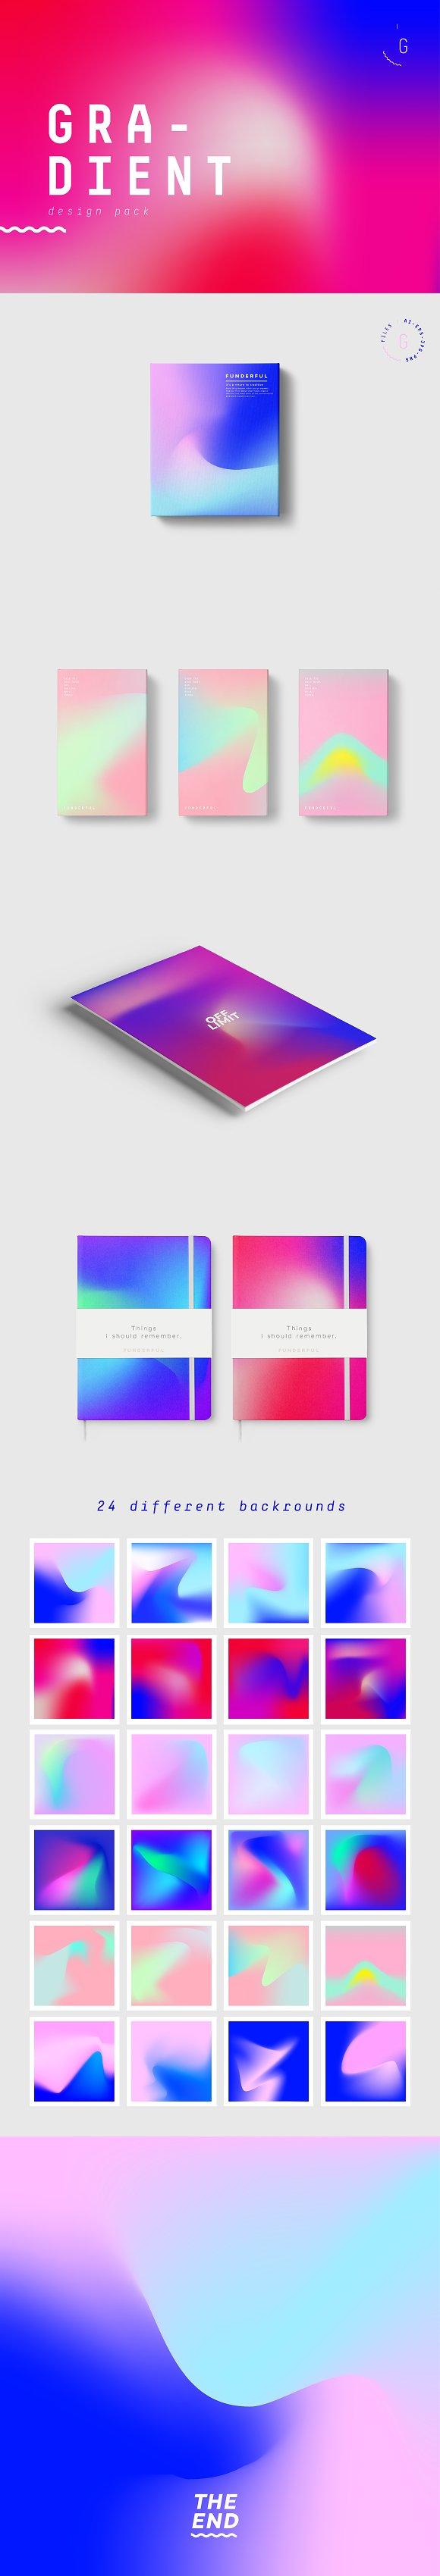 Gradient Design Pack